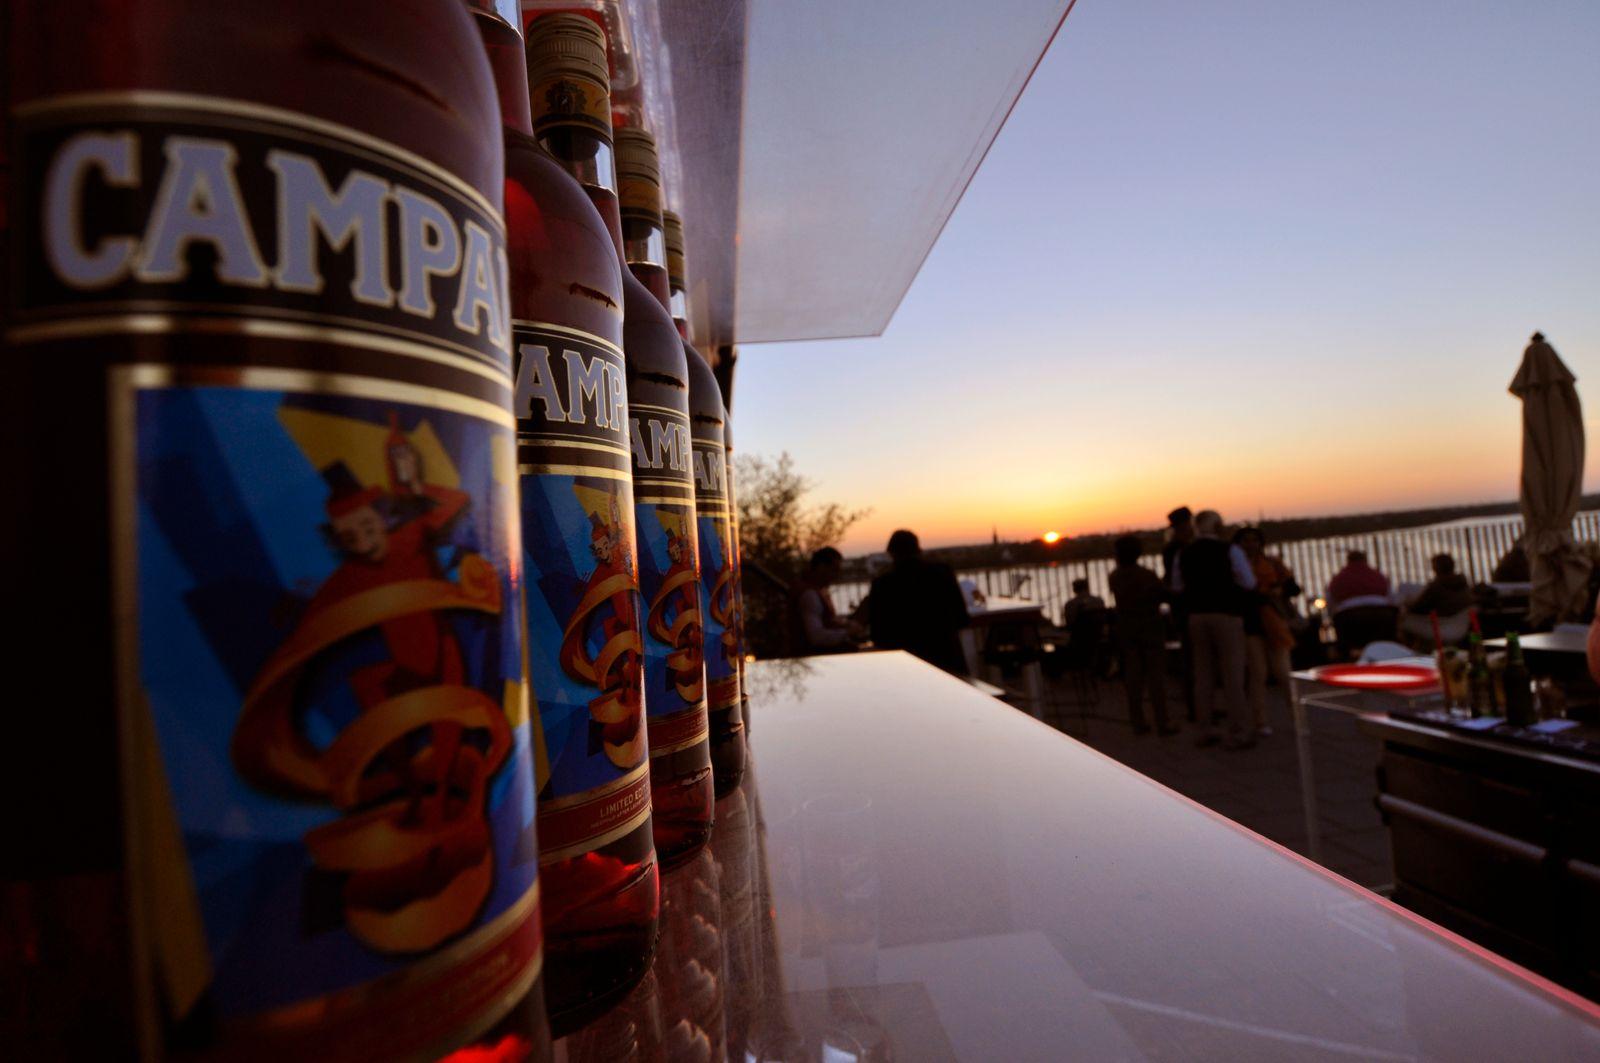 The George â Campari Lounge